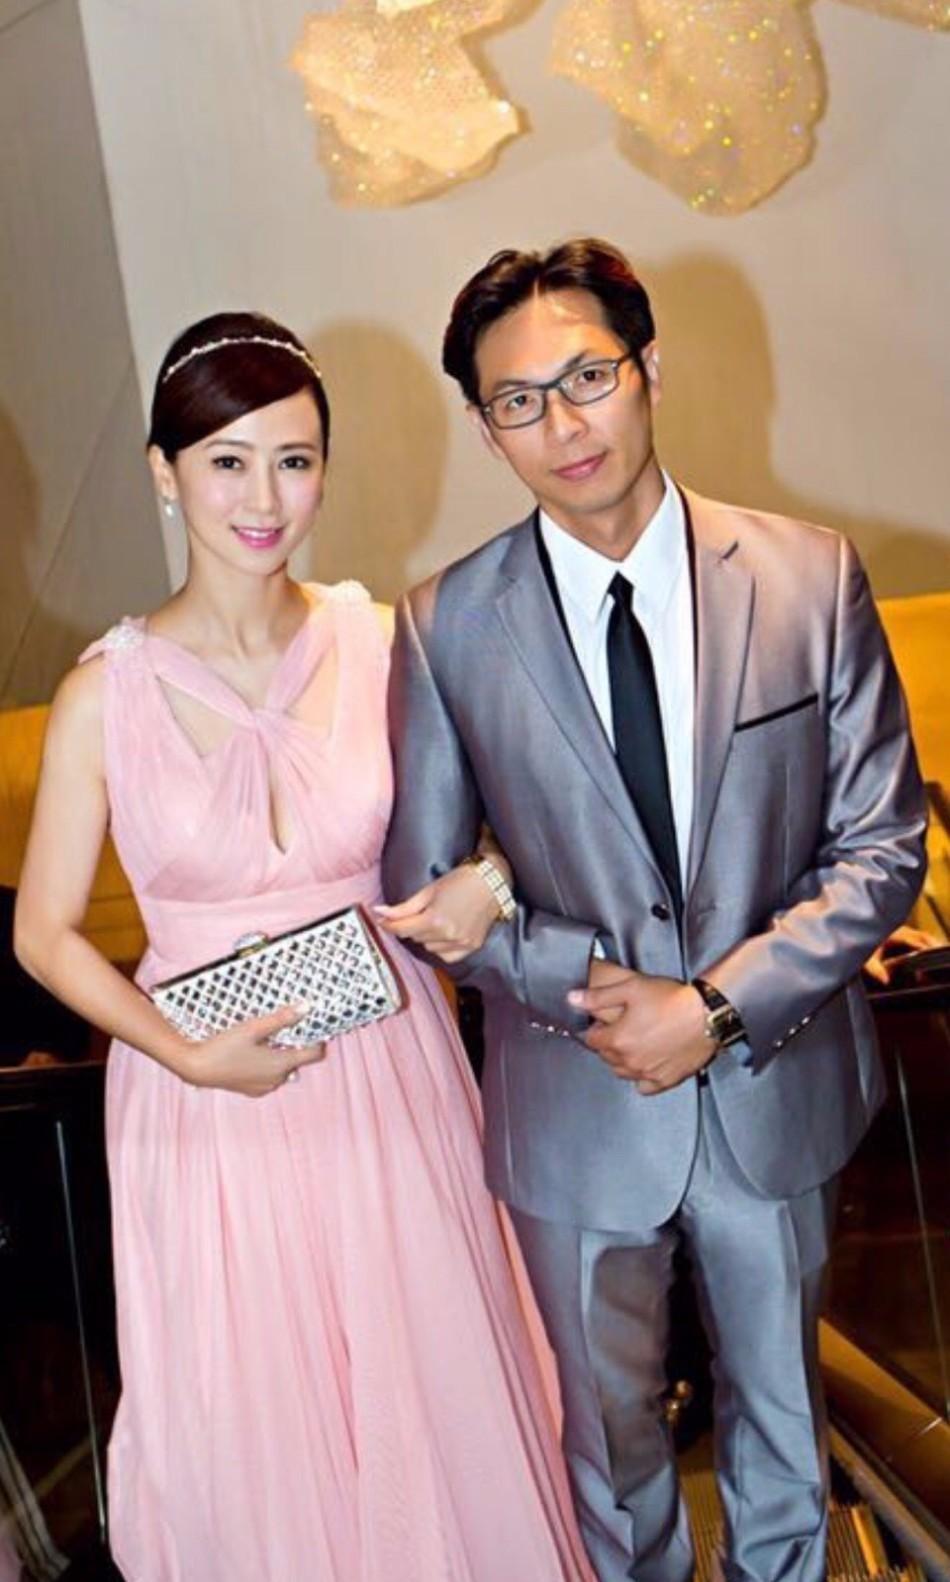 1月17日,翁虹在微博晒照庆祝结婚十周年,并配文称: